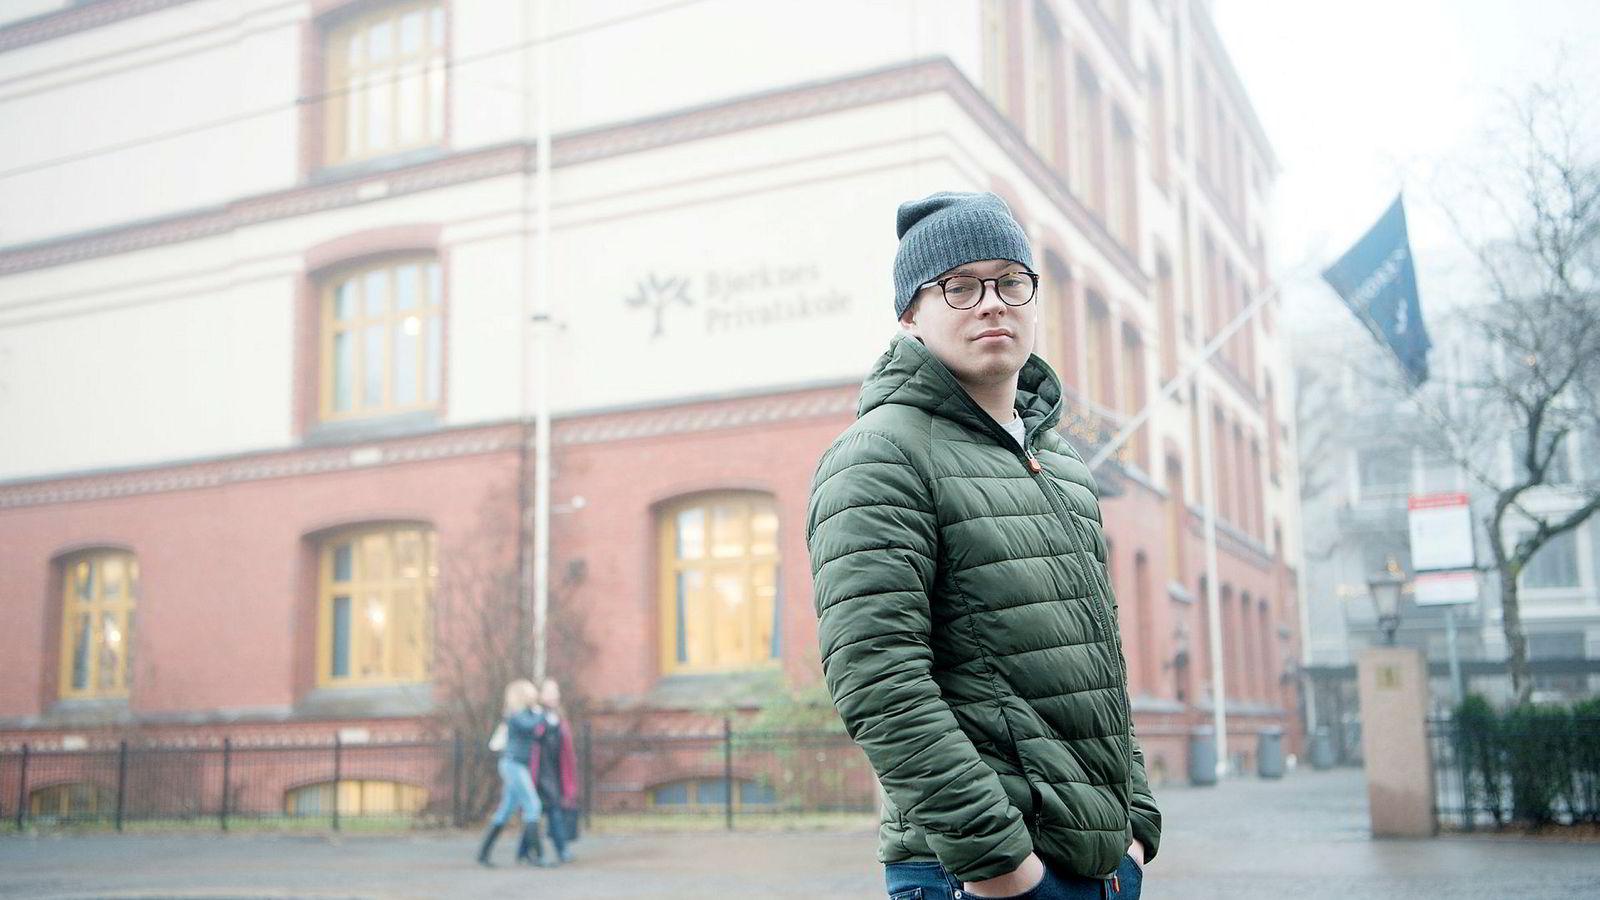 Jeppe Schjerpen (19) fra Oslo visste ikke hva han skulle gjøre etter videregående skole. Etter en skolepause begynner han på Bjørknes Høyskole fra januar og skal deretter søke seg inn på arkitekthøyskole i London.